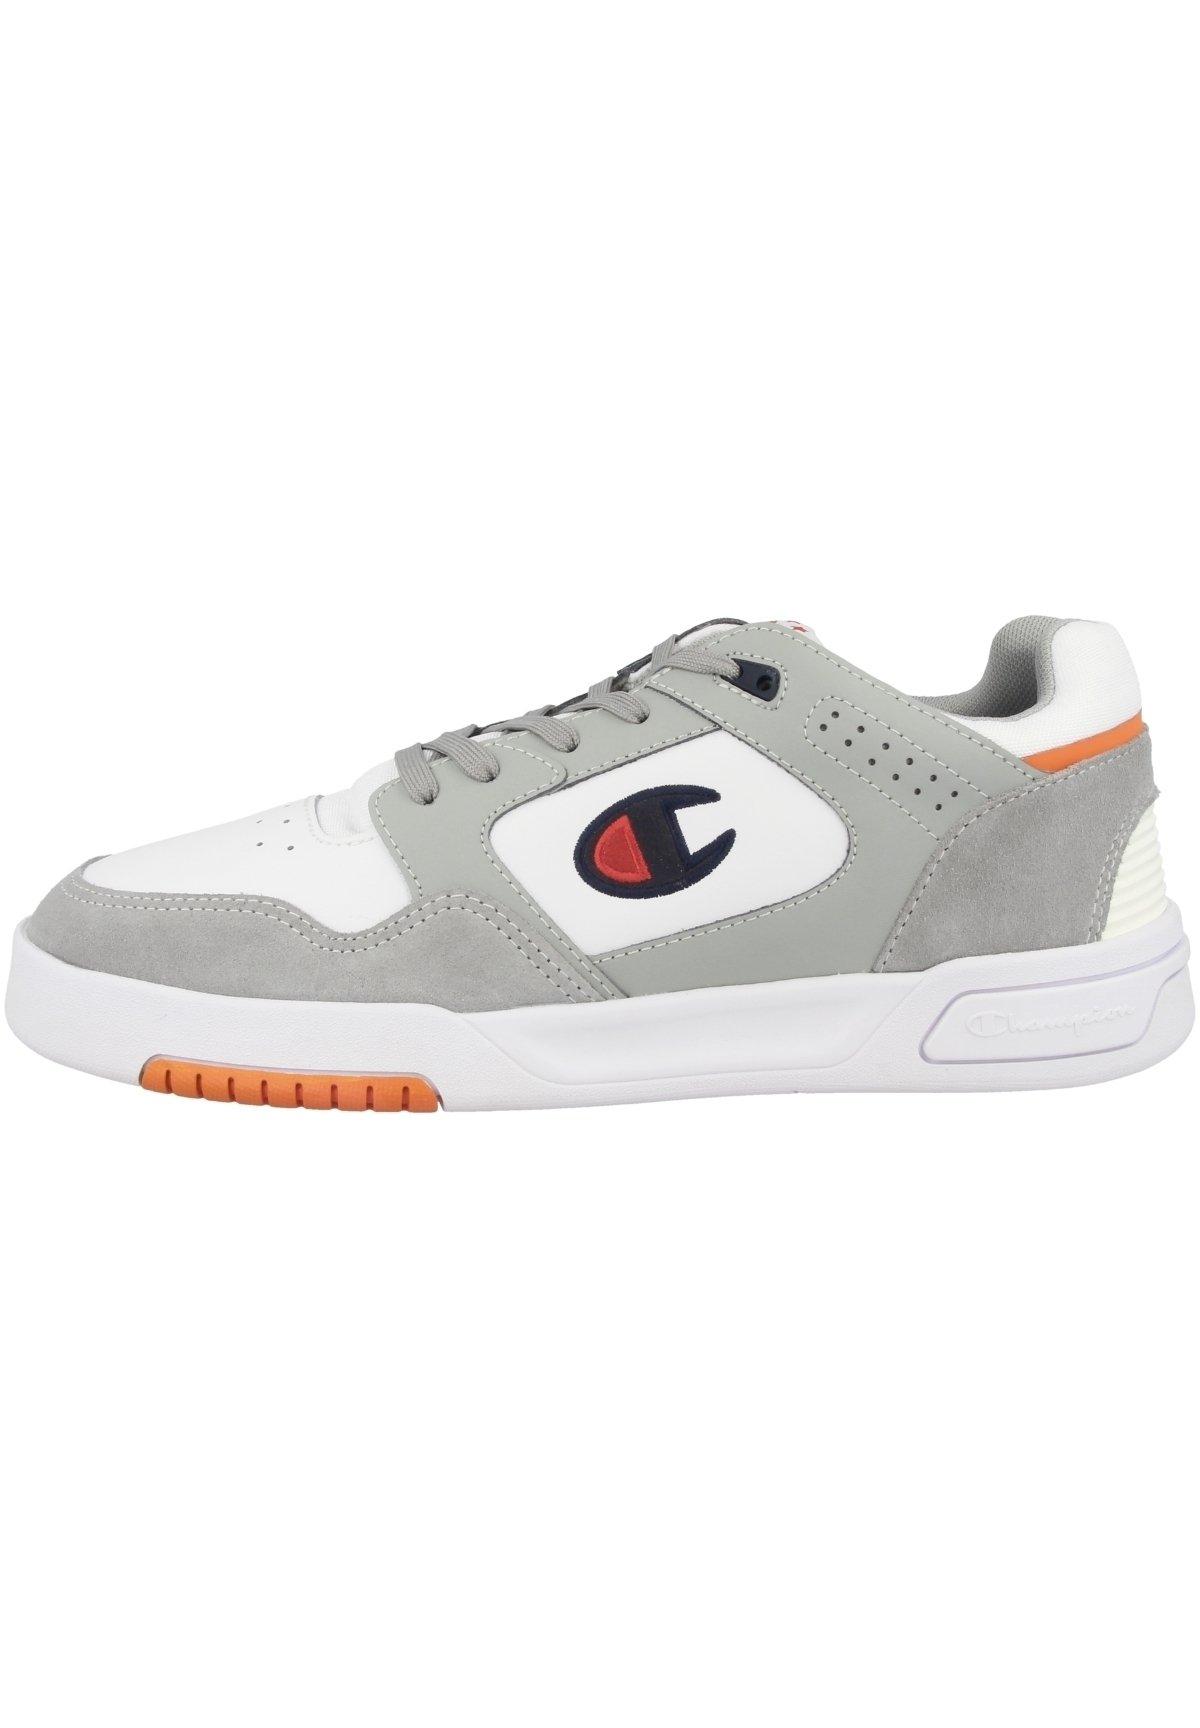 Herren Basketballschuh - wht-grey-orange